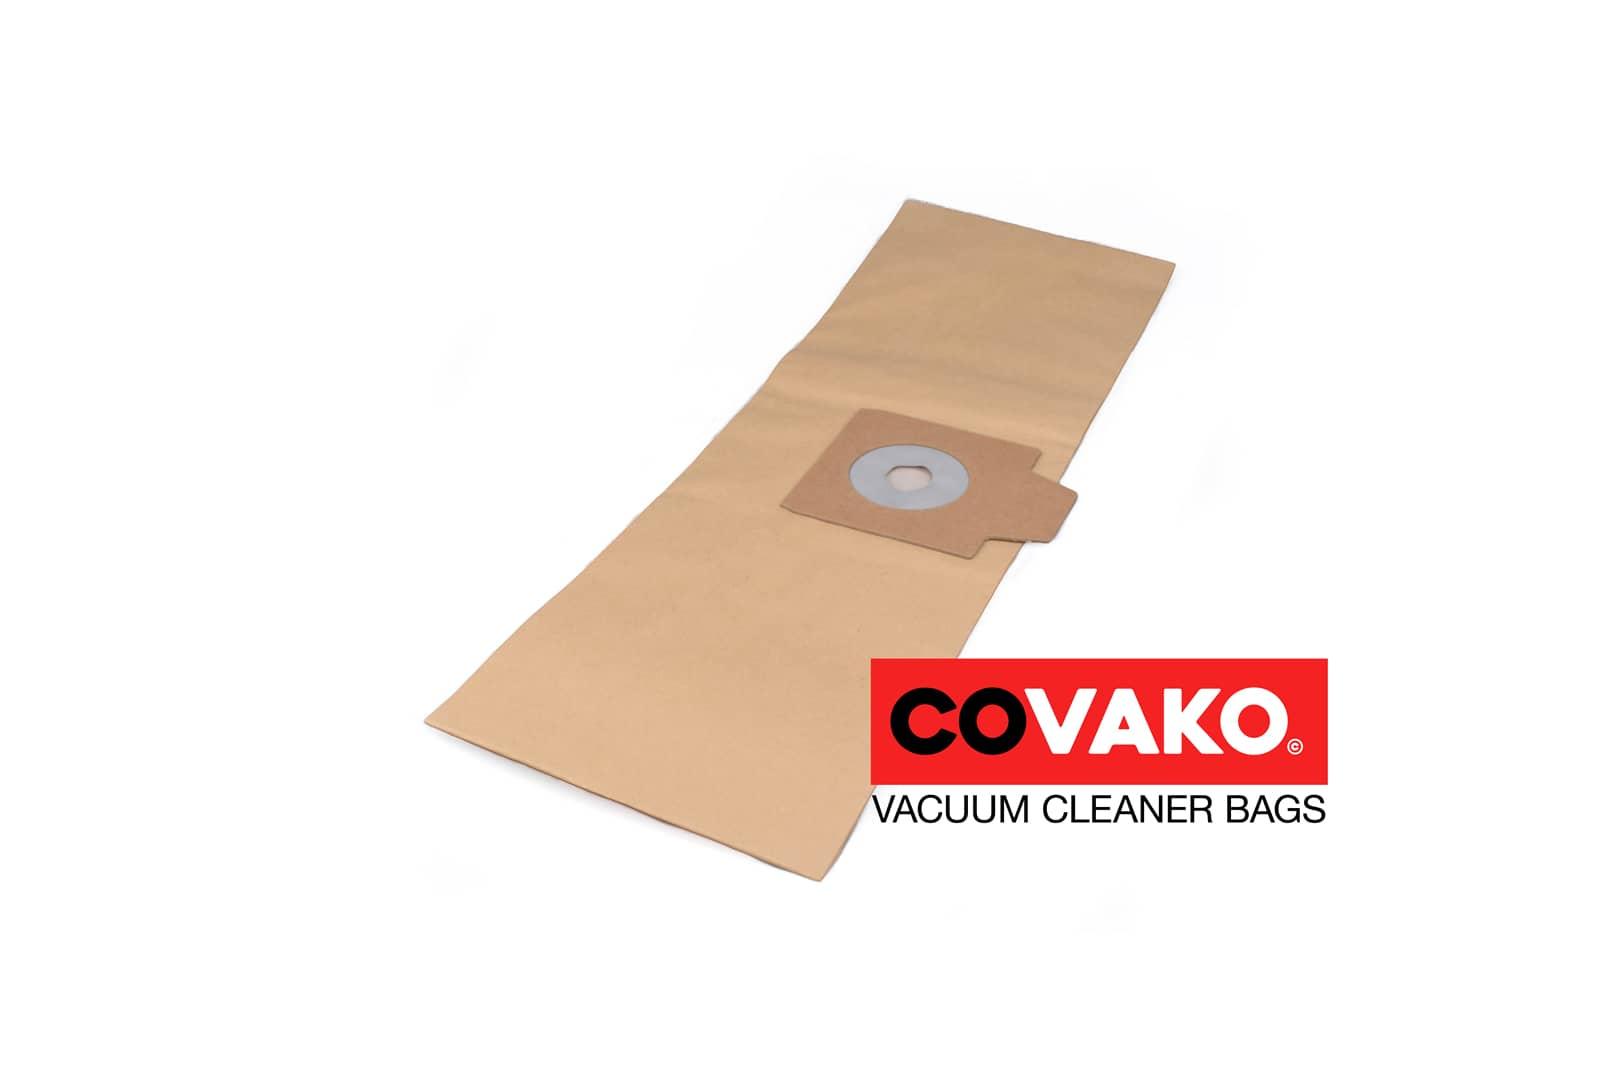 Alto GM 110 / Paper - Alto vacuum cleaner bags